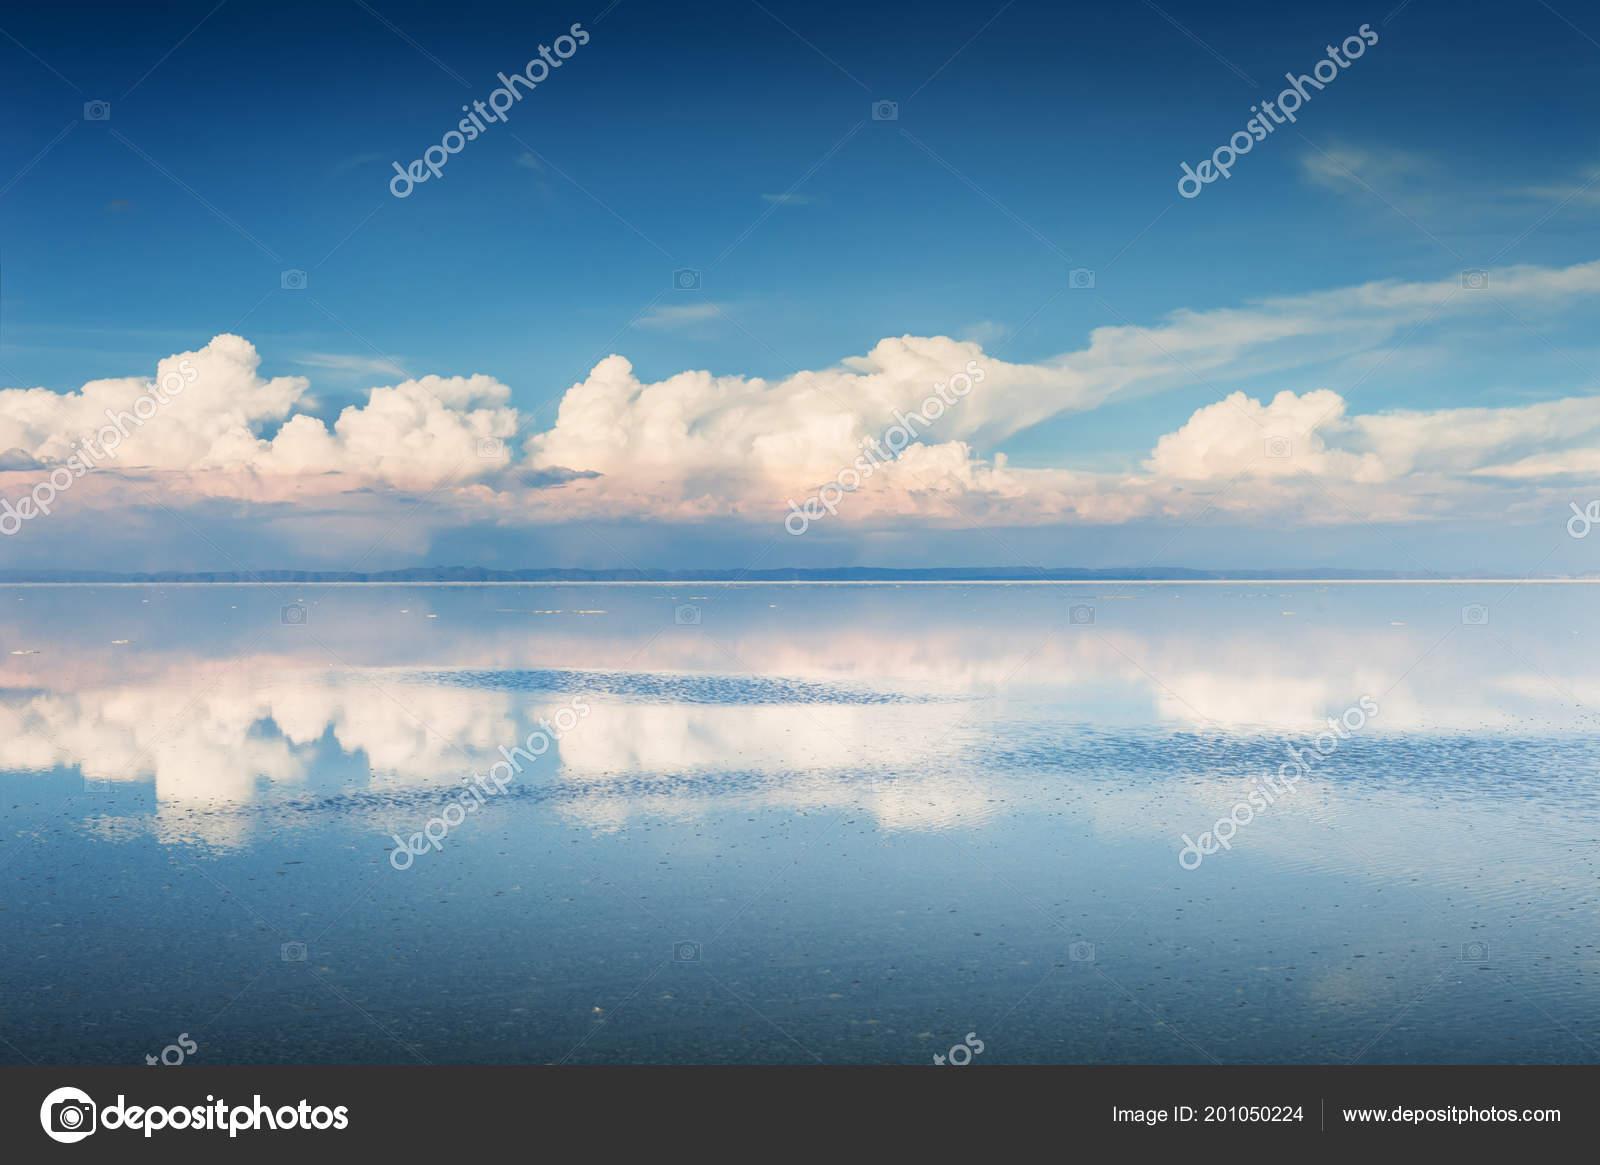 Mirror Surface Salar Uyuni Salt Flat Altiplano Bolivia